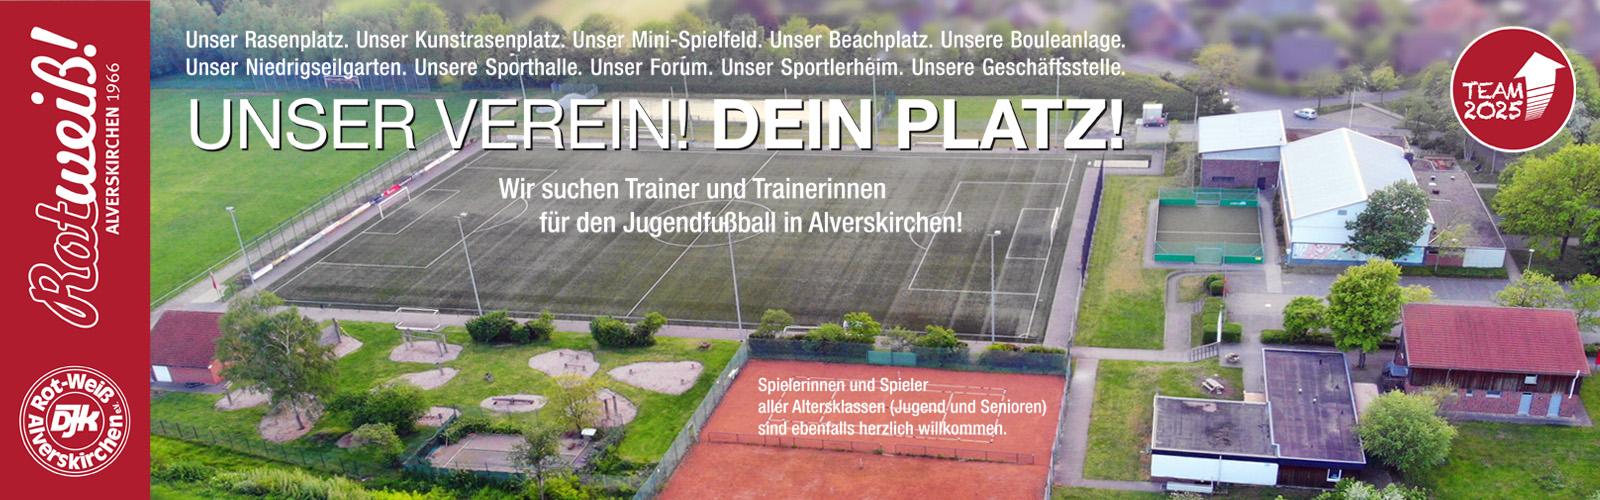 Kopf_Trainer_1600x500